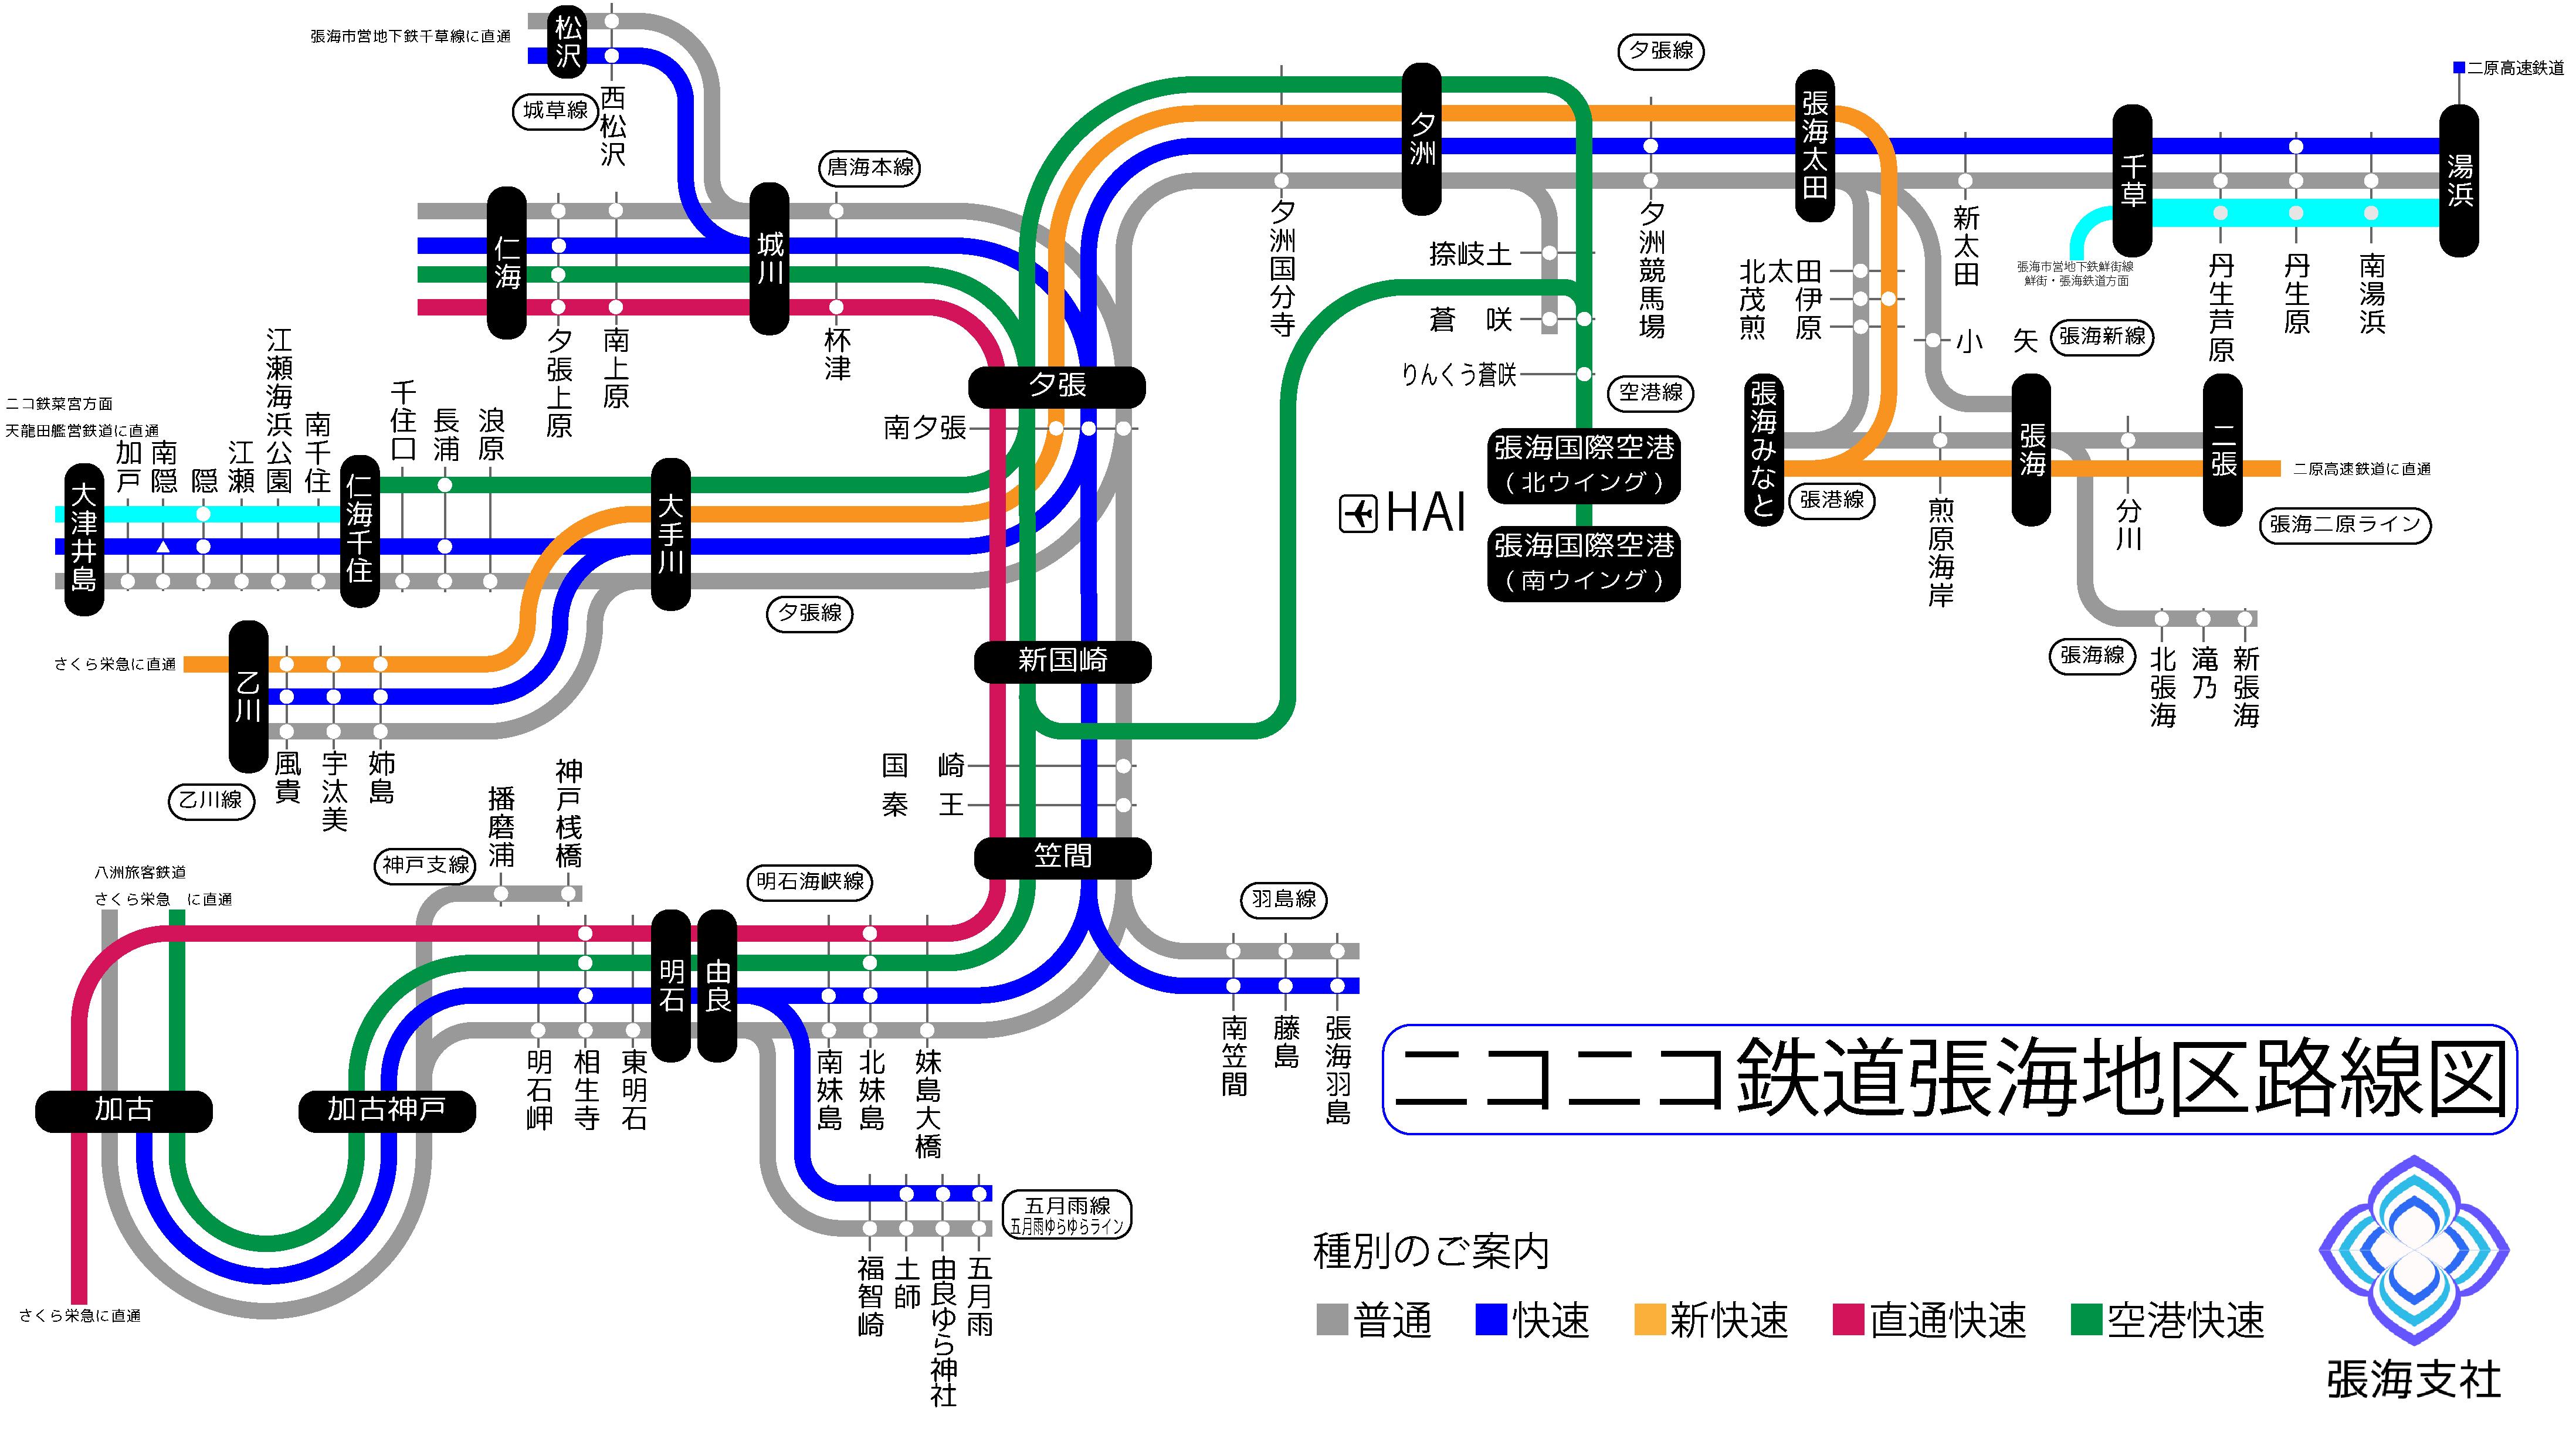 張海支社路線図(2019_2)@4x.png